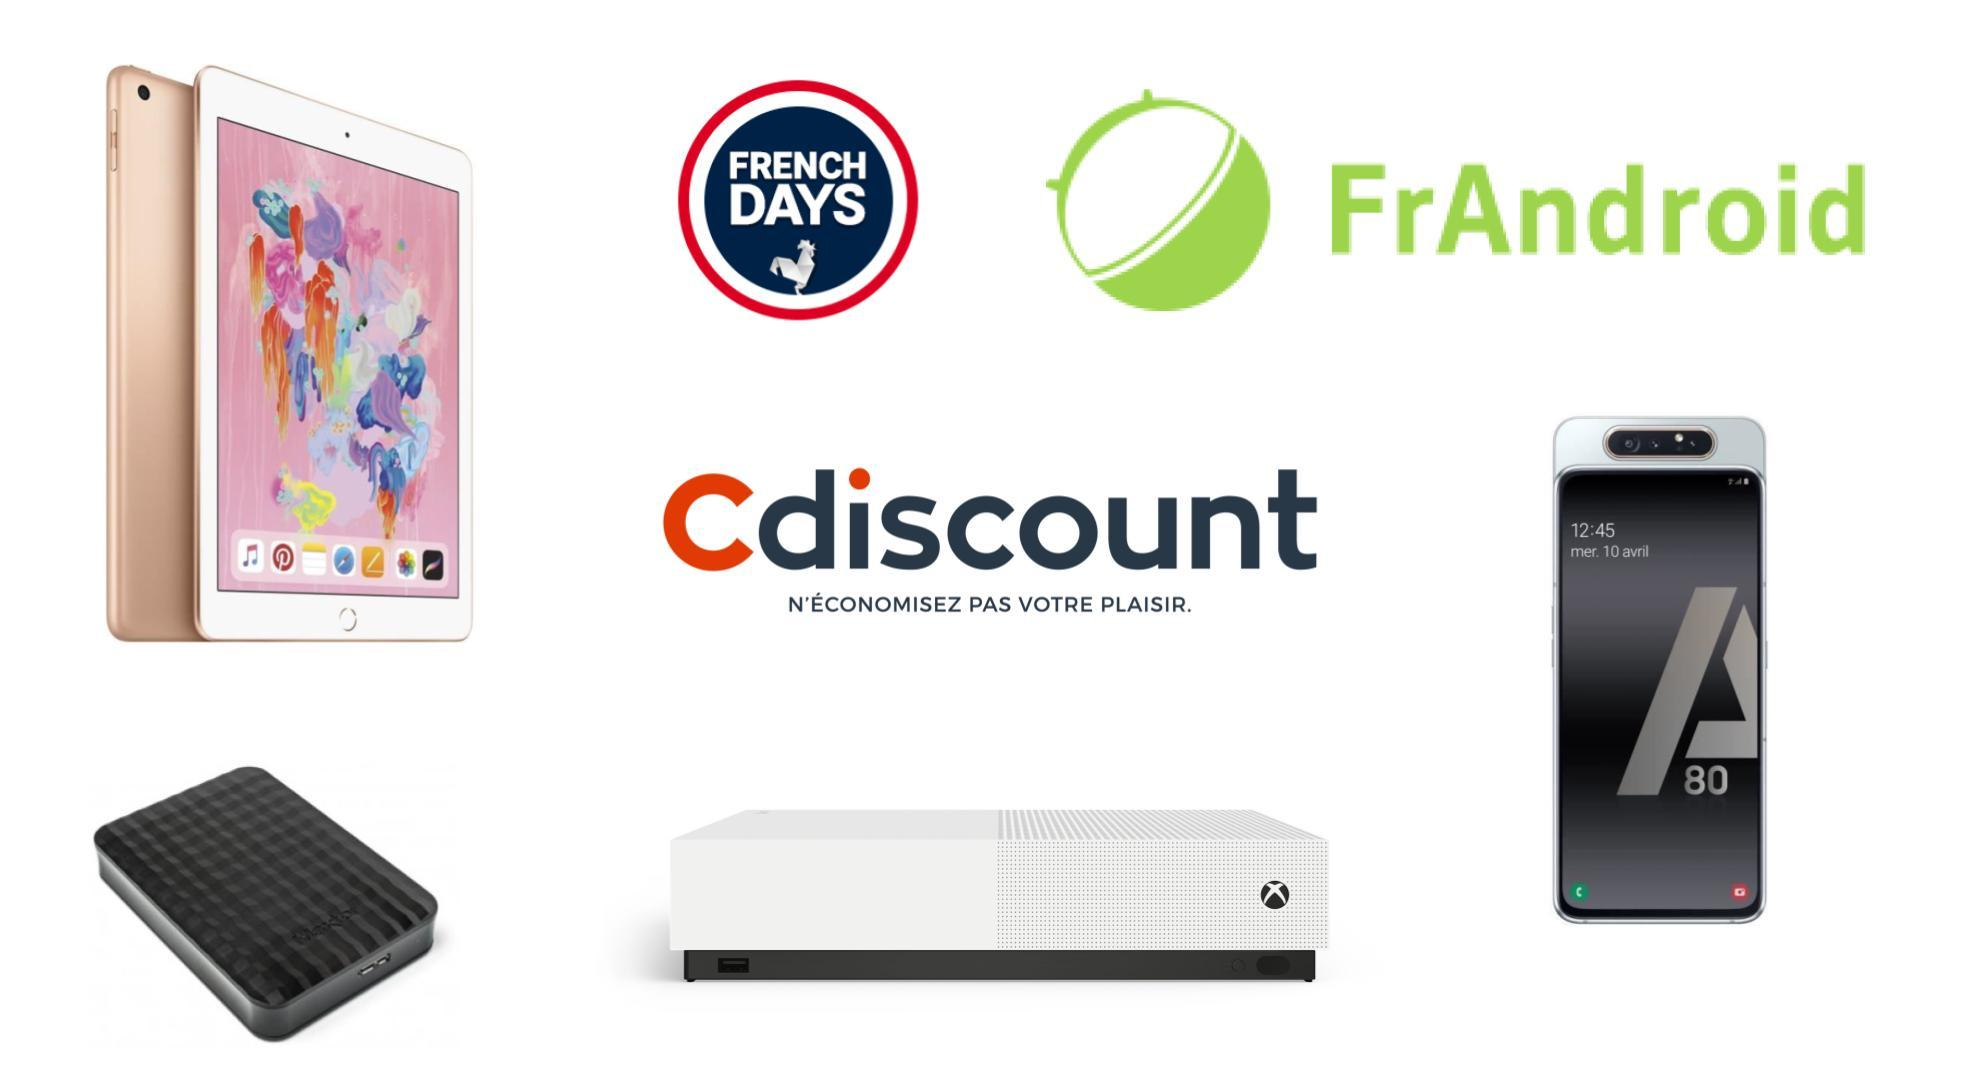 Cdiscount : les meilleures offres high tech pendant les French Days